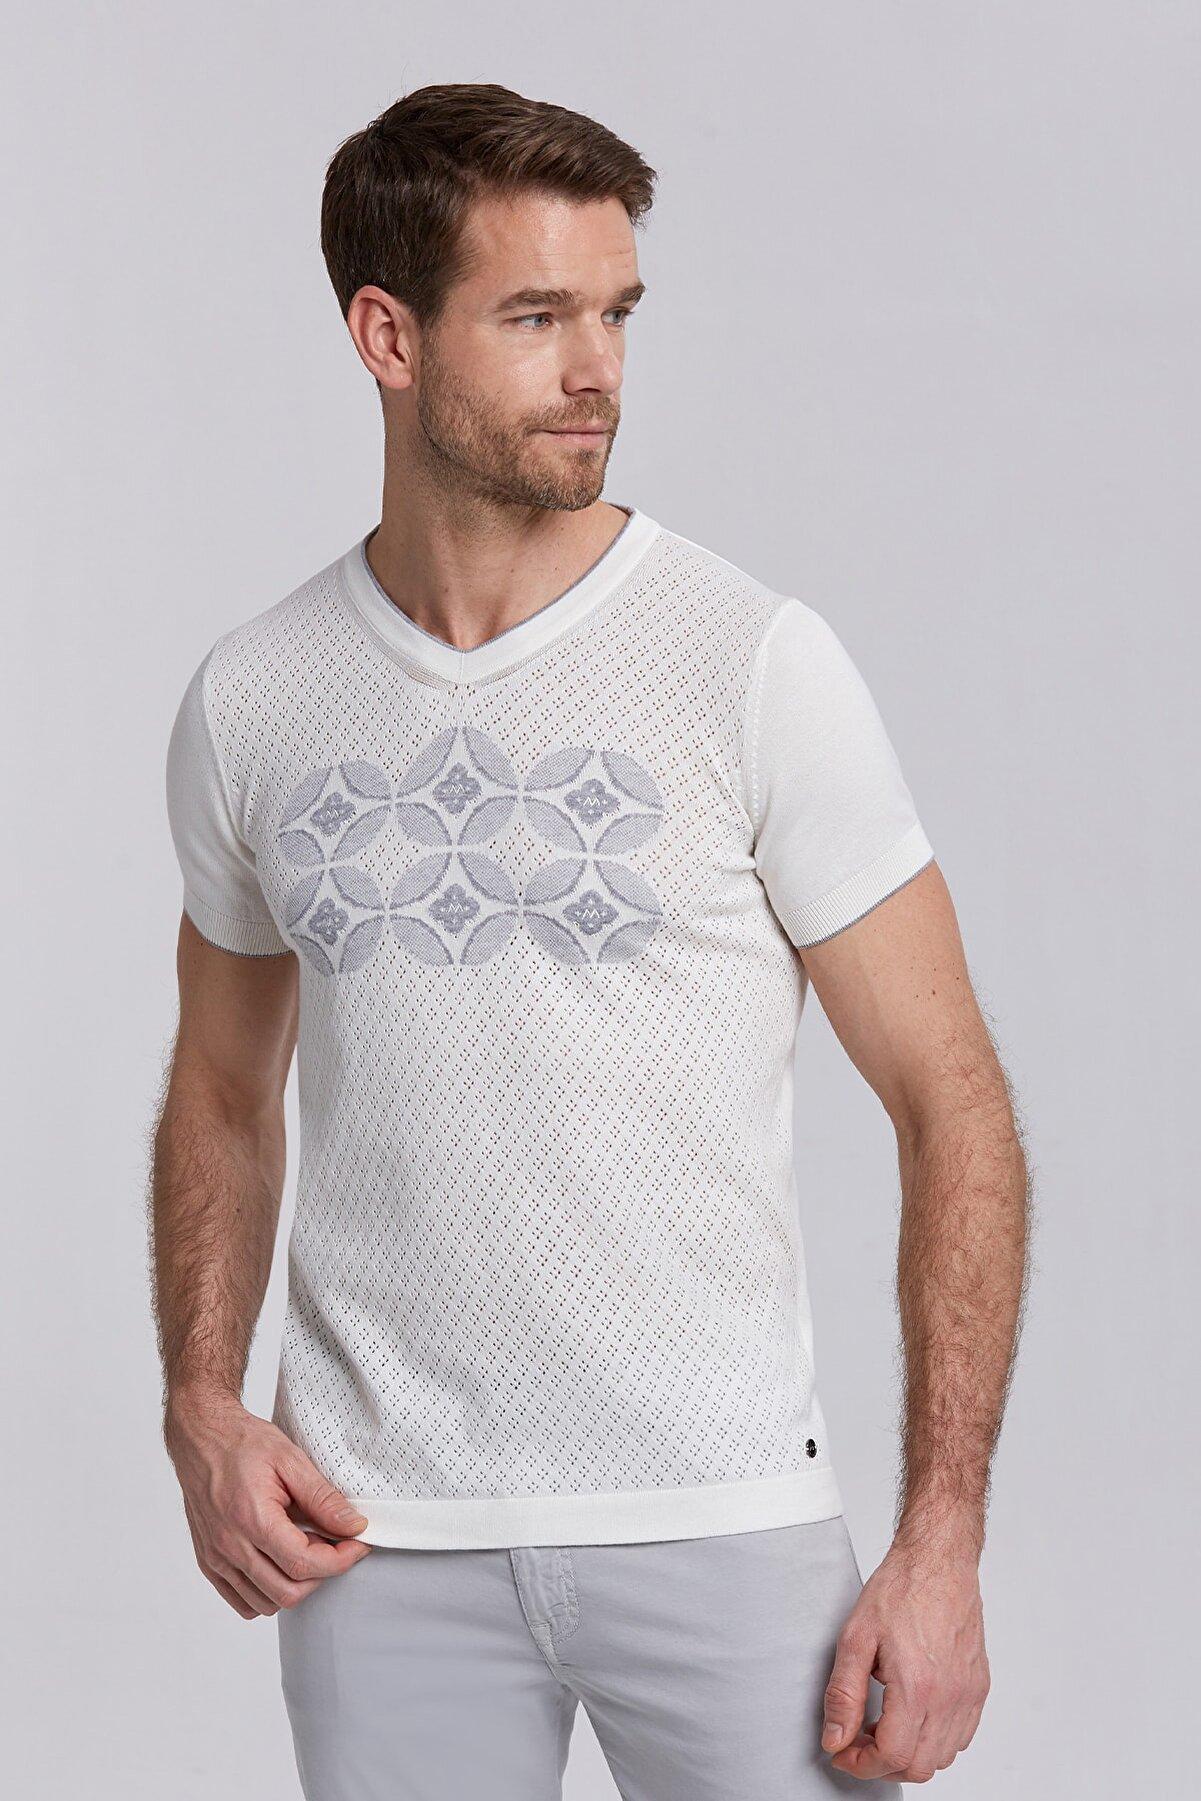 Hemington Erkek Kırık Beyaz Çiçek Desenli V Yaka Triko T-shirt